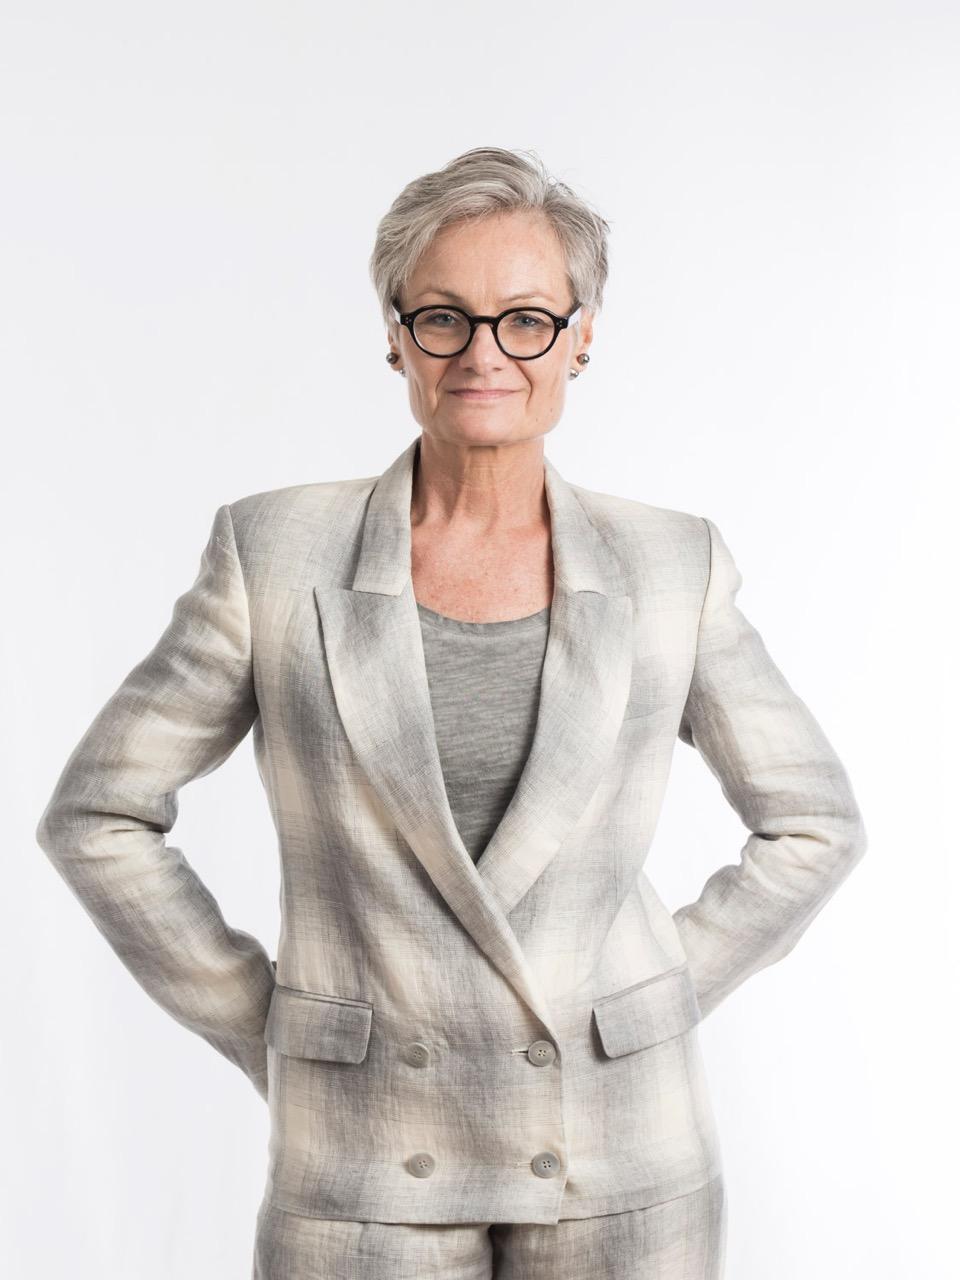 Parlando degli stereotipi con cui devono fare i conti le donne dopo gli anta, penso che qualcosa stia cambiando e sta cambiando perché stiamo facendo in modo che cambi, insistendo sulla nostra visibilità - Anita Irlen, consulente e autrice del blog Look for the Woman beyond Fashion